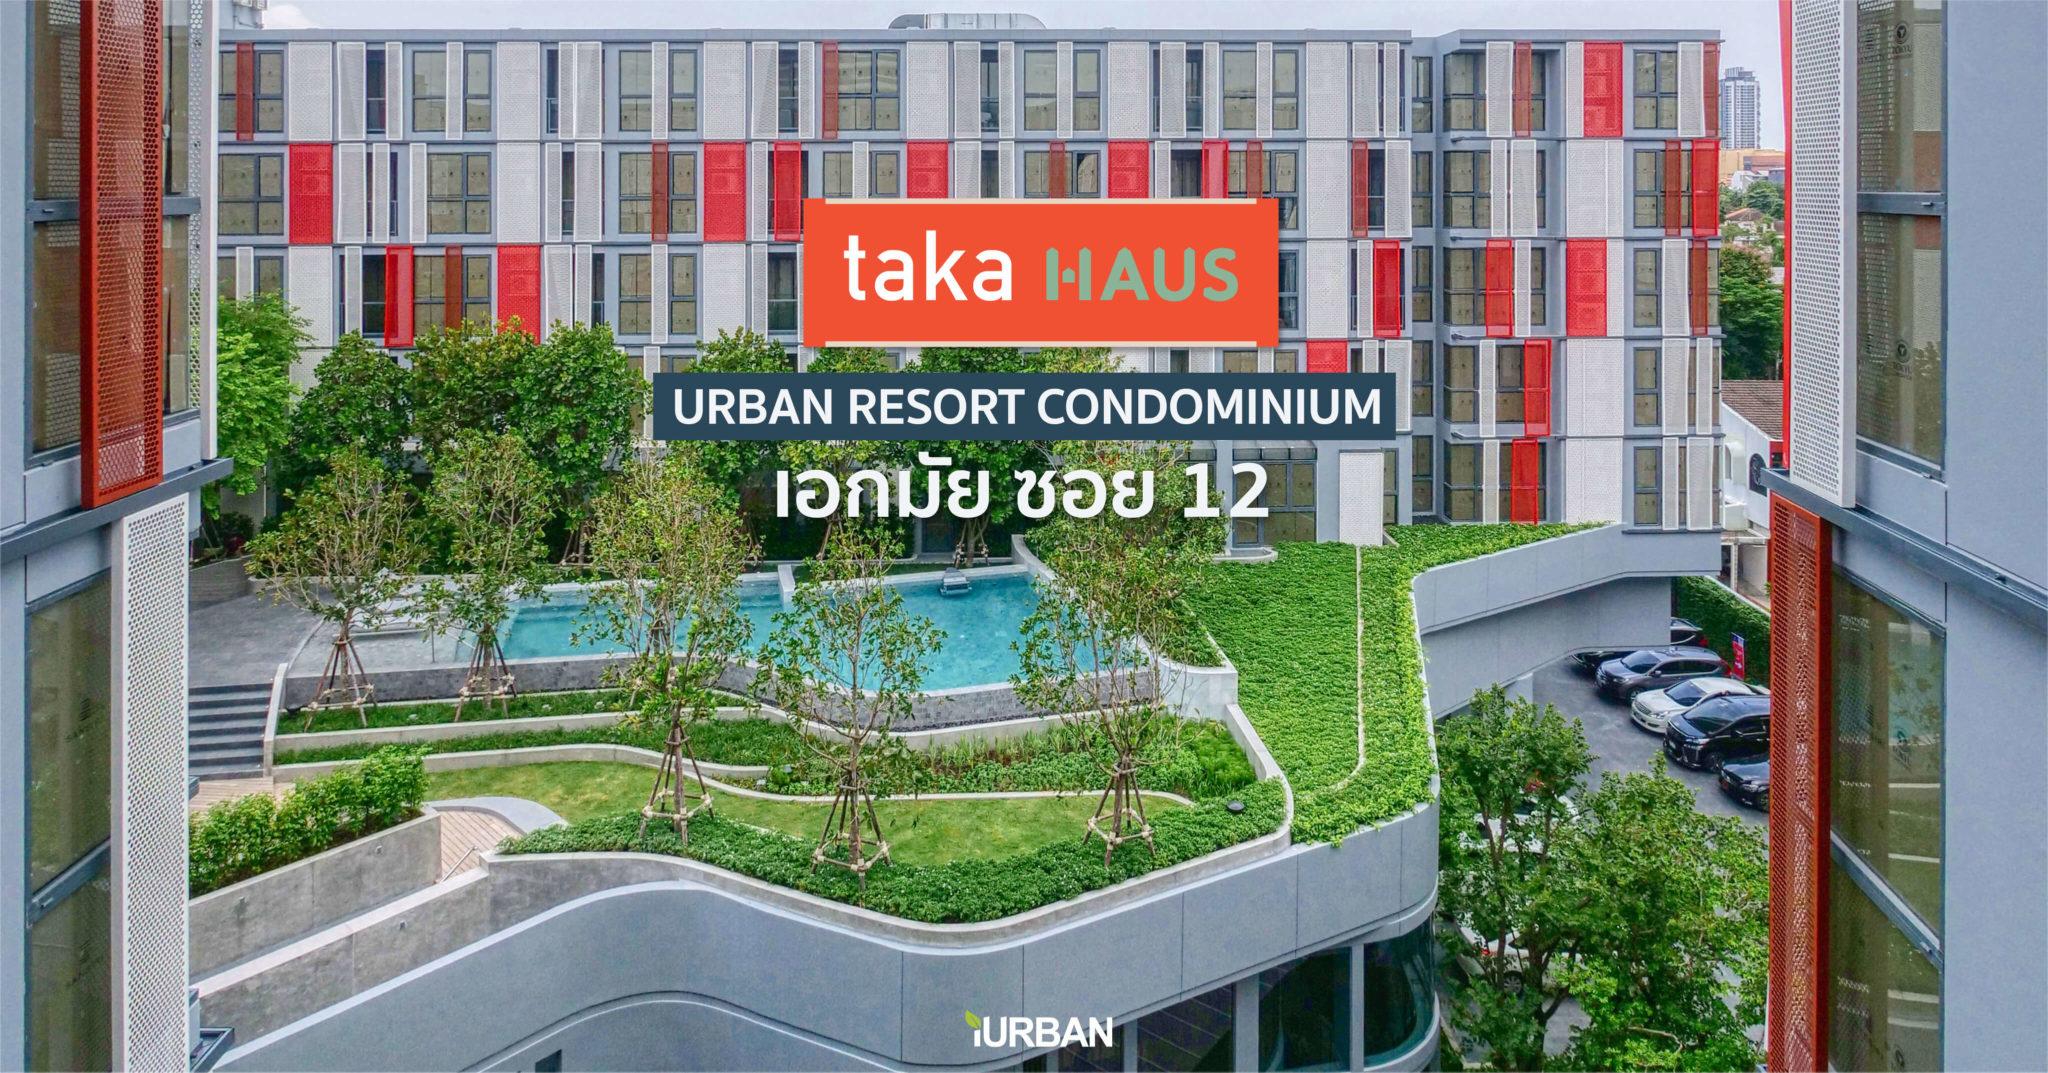 """""""ทากะ เฮาส์"""" (STAY UNIQUE, STAY DIVERSE) ตอบโจทย์การใช้ชีวิตที่ปรับเปลี่ยนได้ในแบบที่เป็นคุณ 13 - Condominium"""